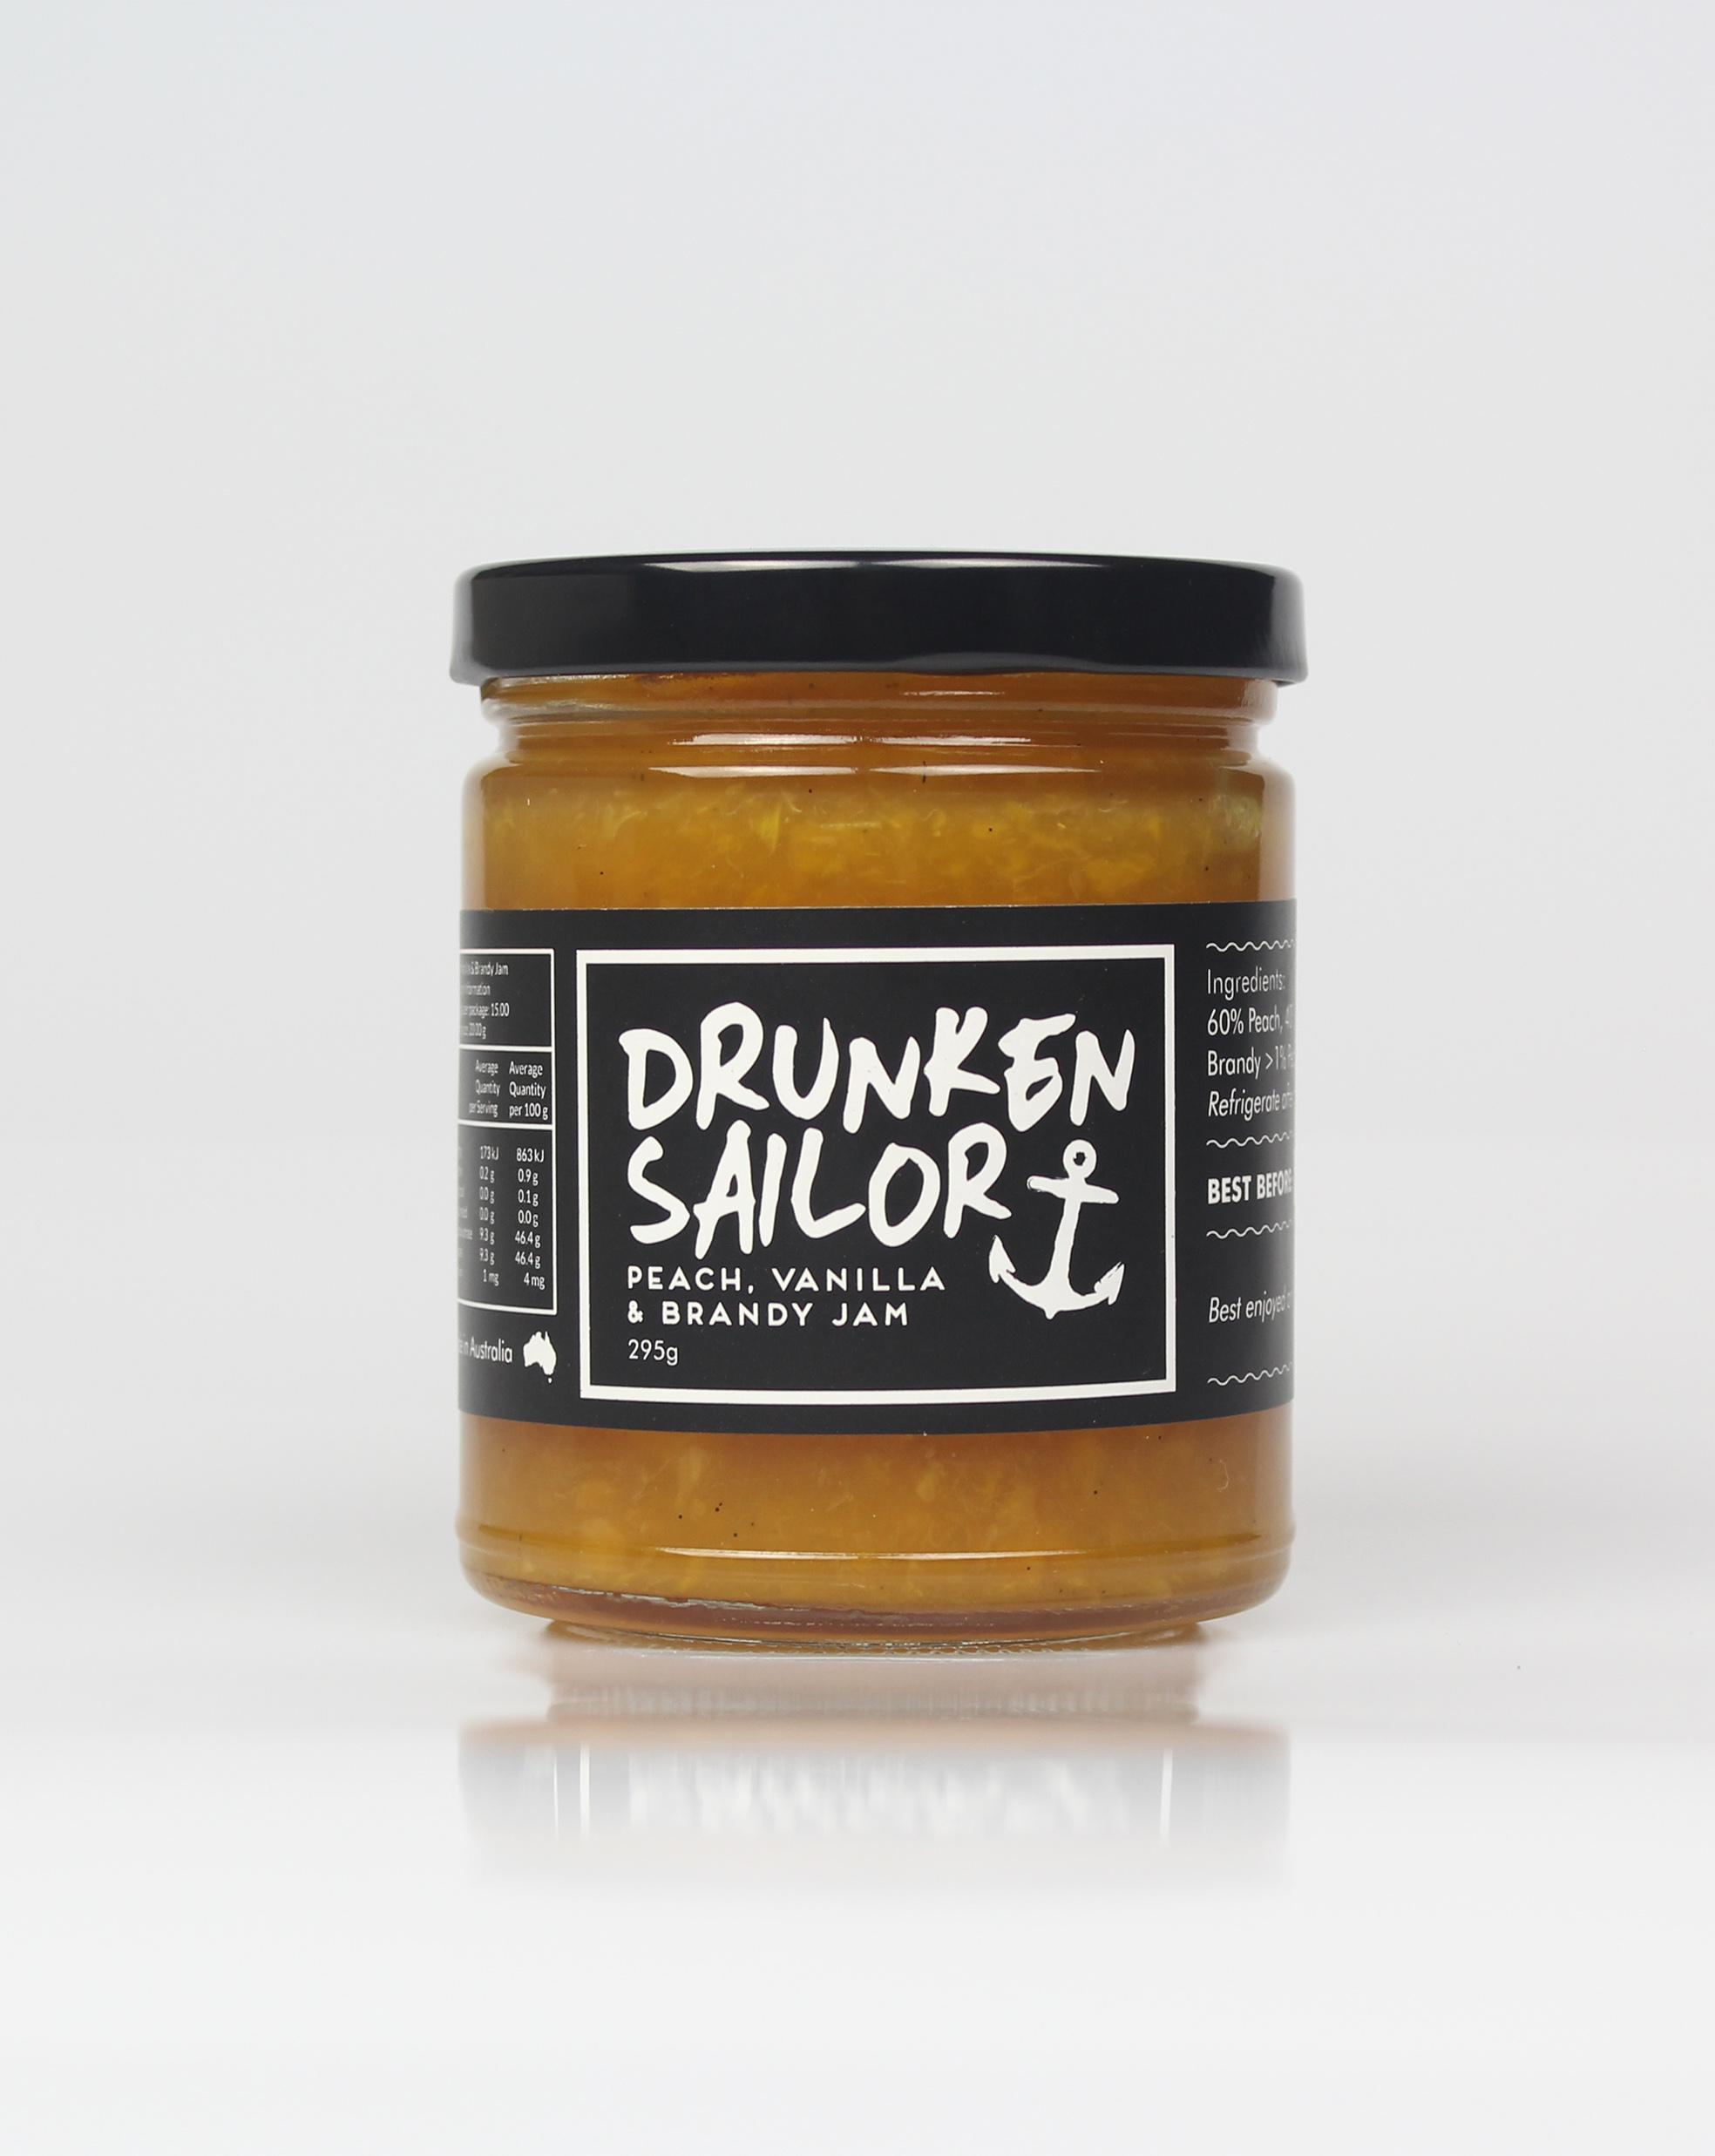 Drunken Sailor Peach, Vanilla & Brandy Jam  260g